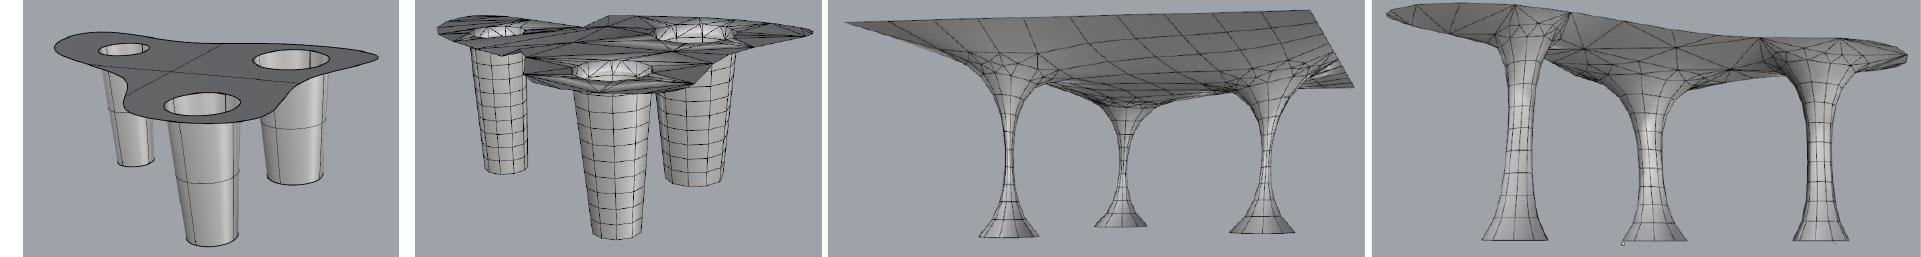 Pavilion-Design-1